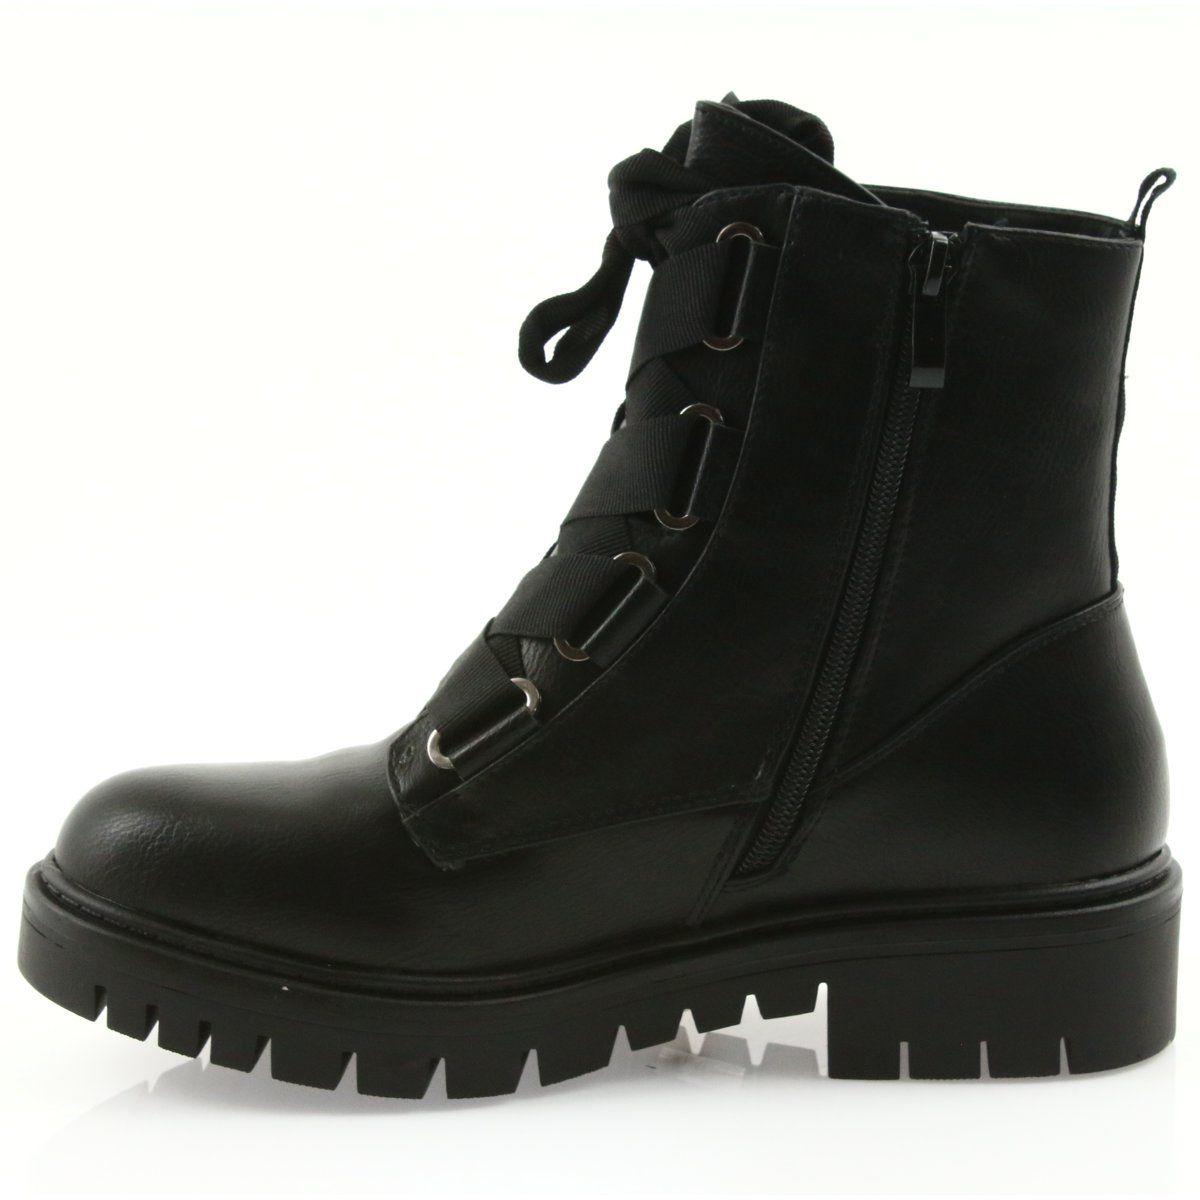 Workery Czarne Wiazane Daszynski Mr1809 Boot Shoes Women Boots Women Shoes